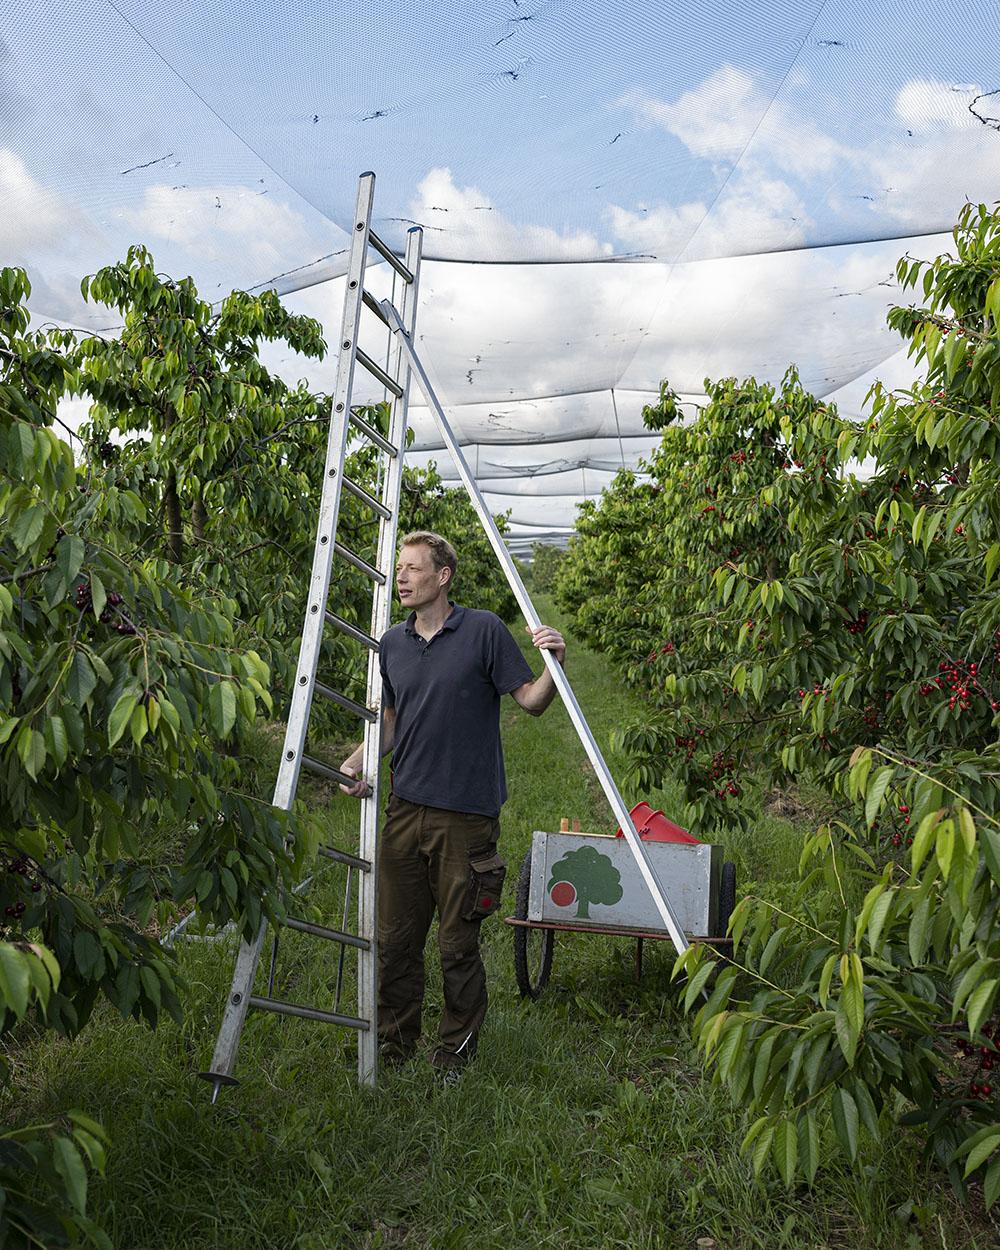 Cord klappt die Leiter aus und stellt sie neben den Baum. Gleich kletert er hinauf, um Kirschen vom Baum zu ernten.